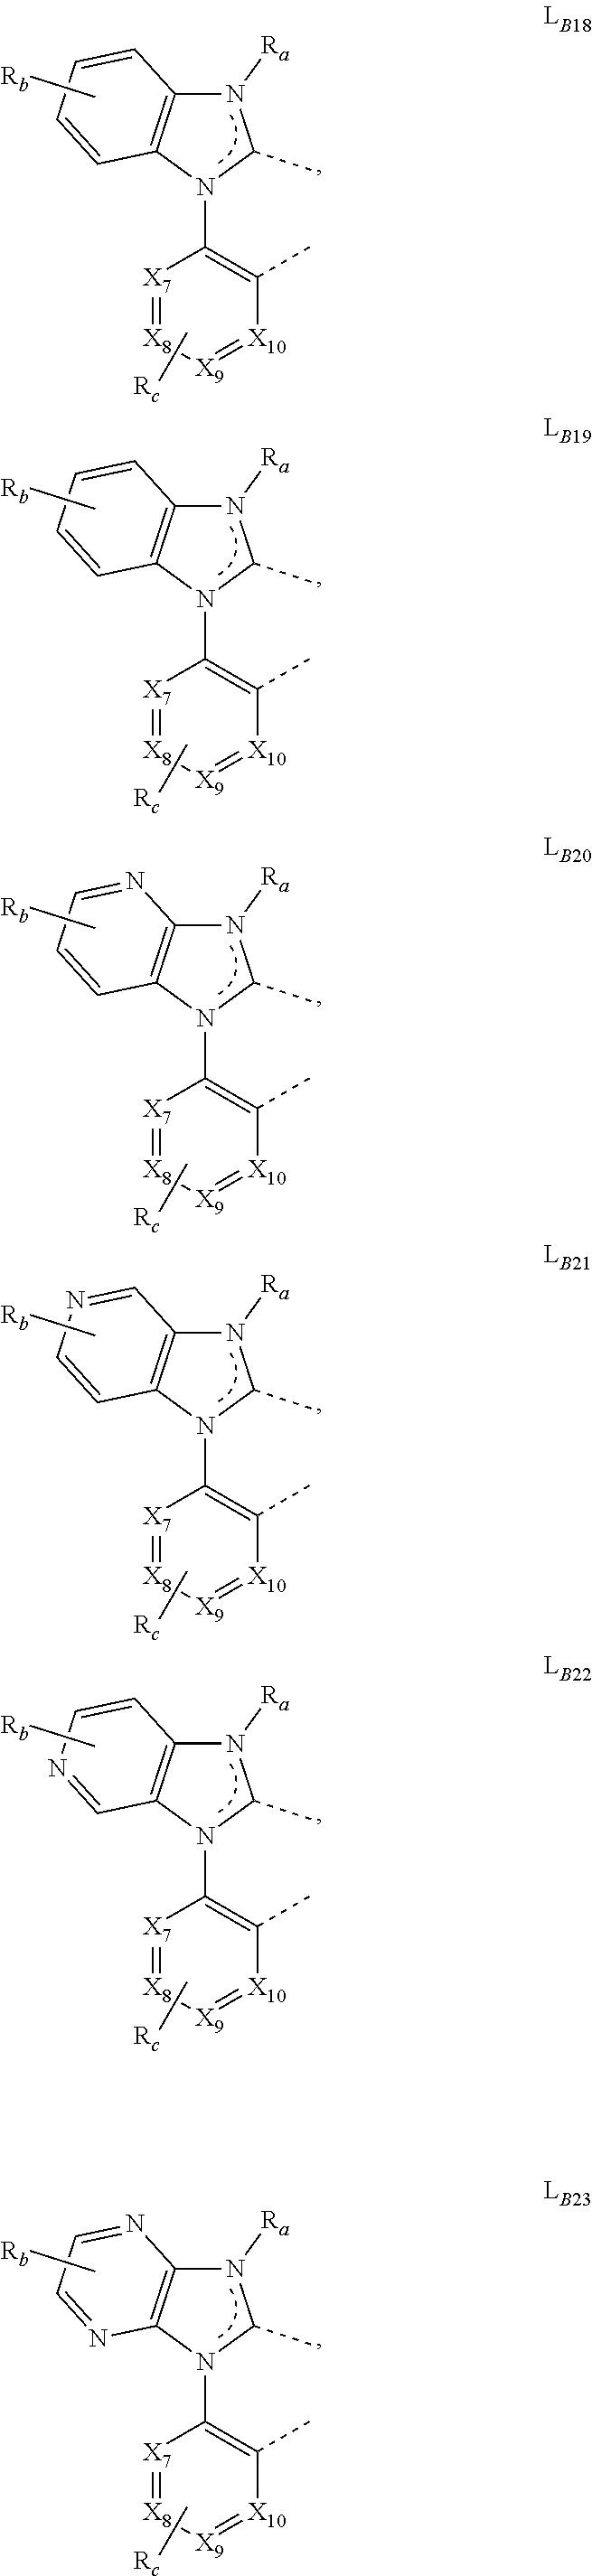 Figure US10121975-20181106-C00226